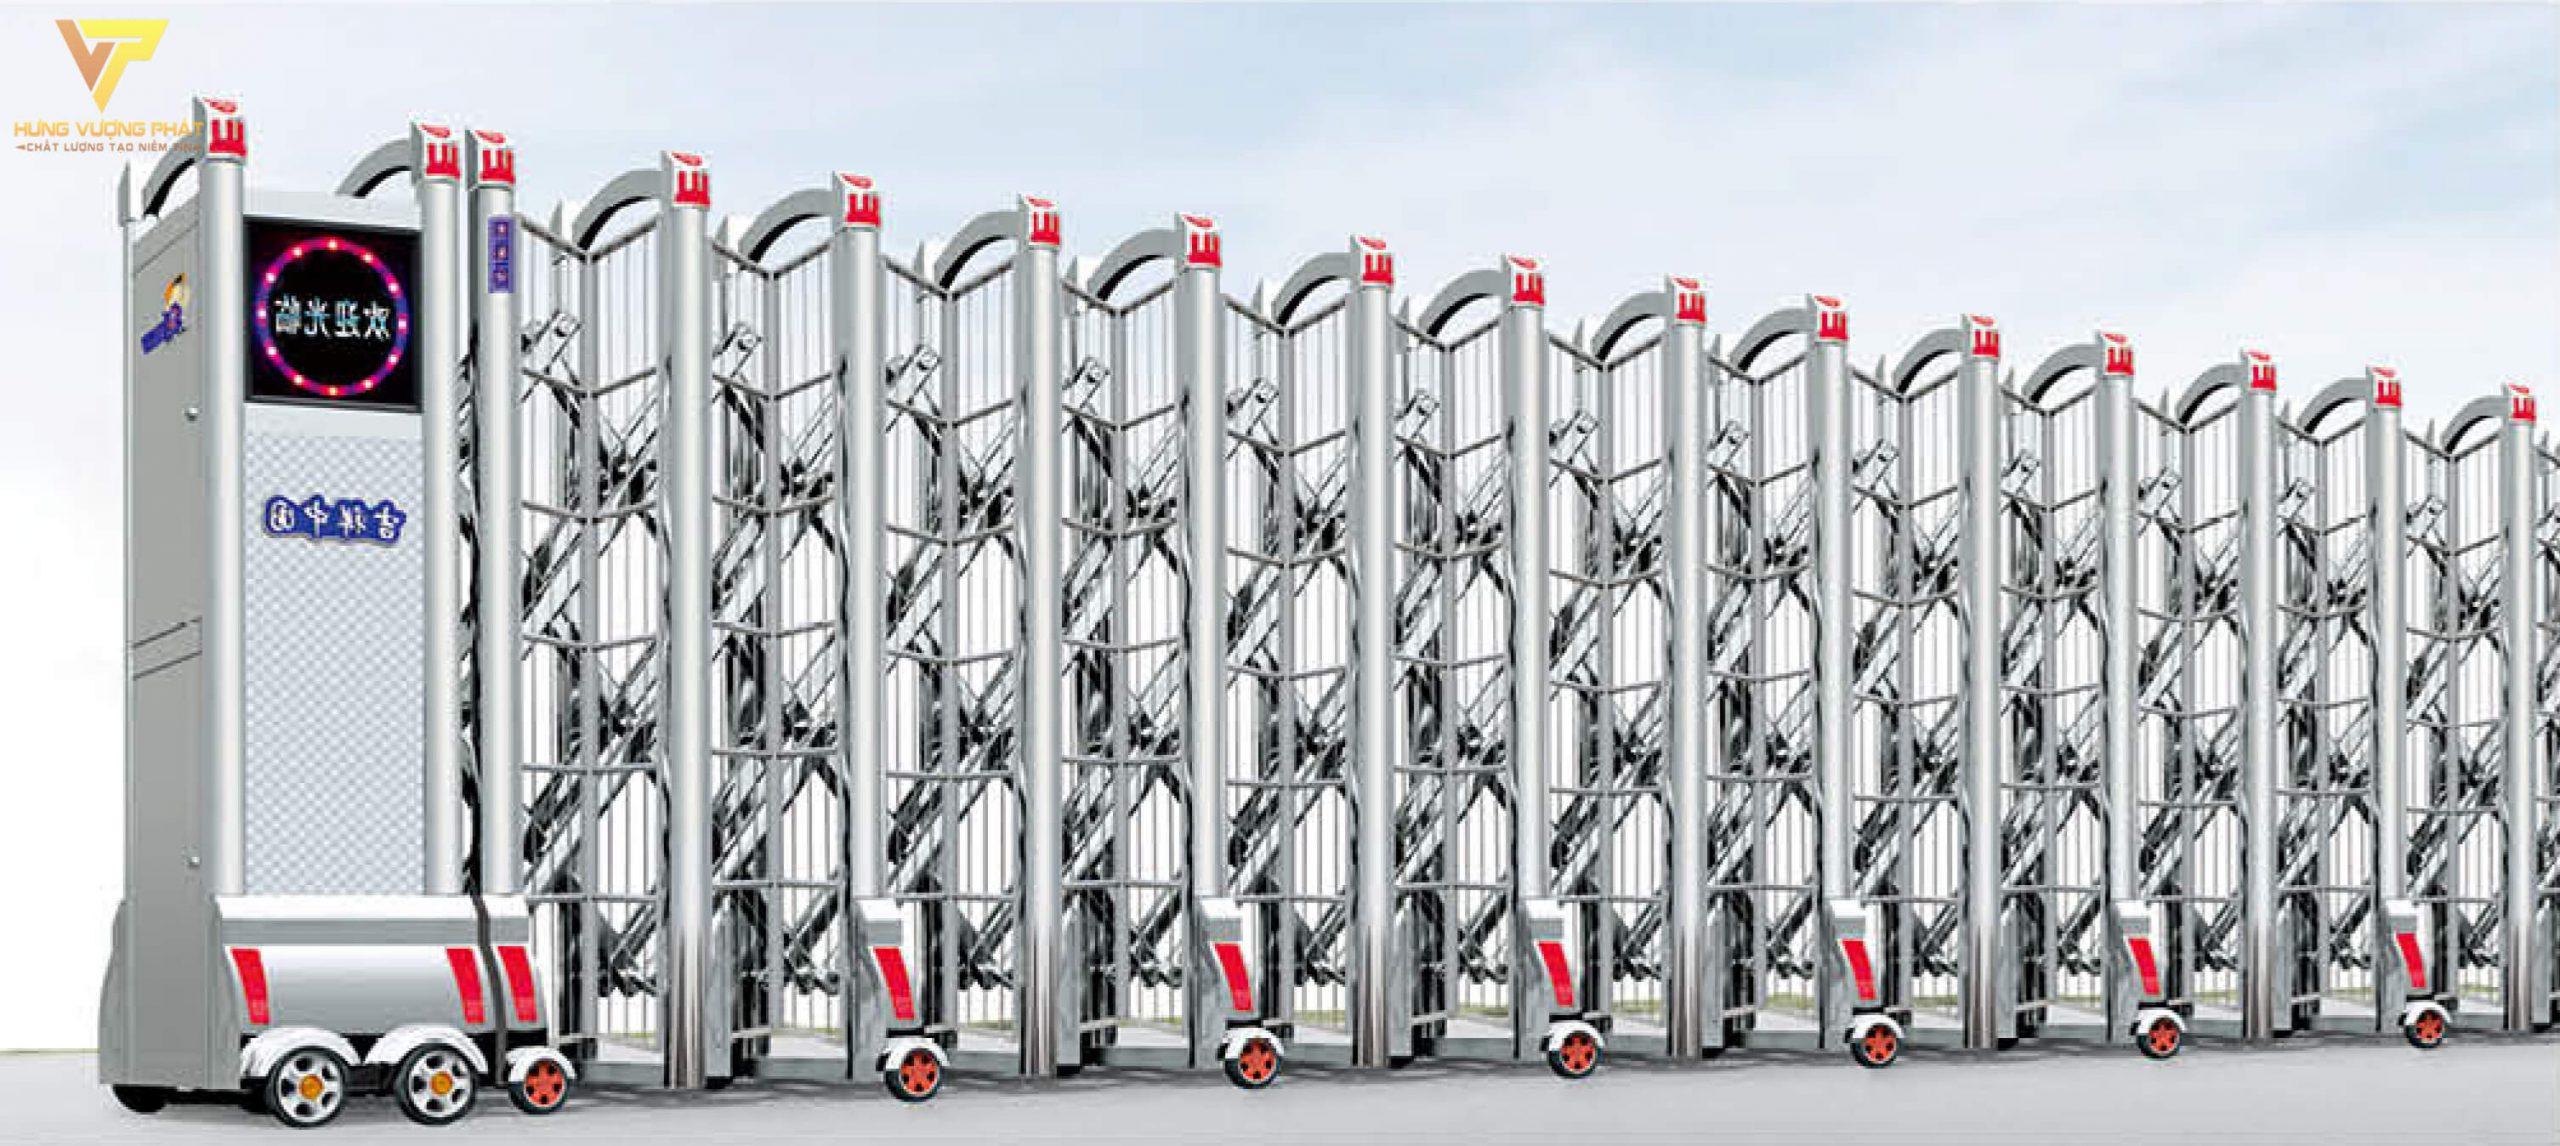 Cổng xếp inox chạy điện tự động HI55